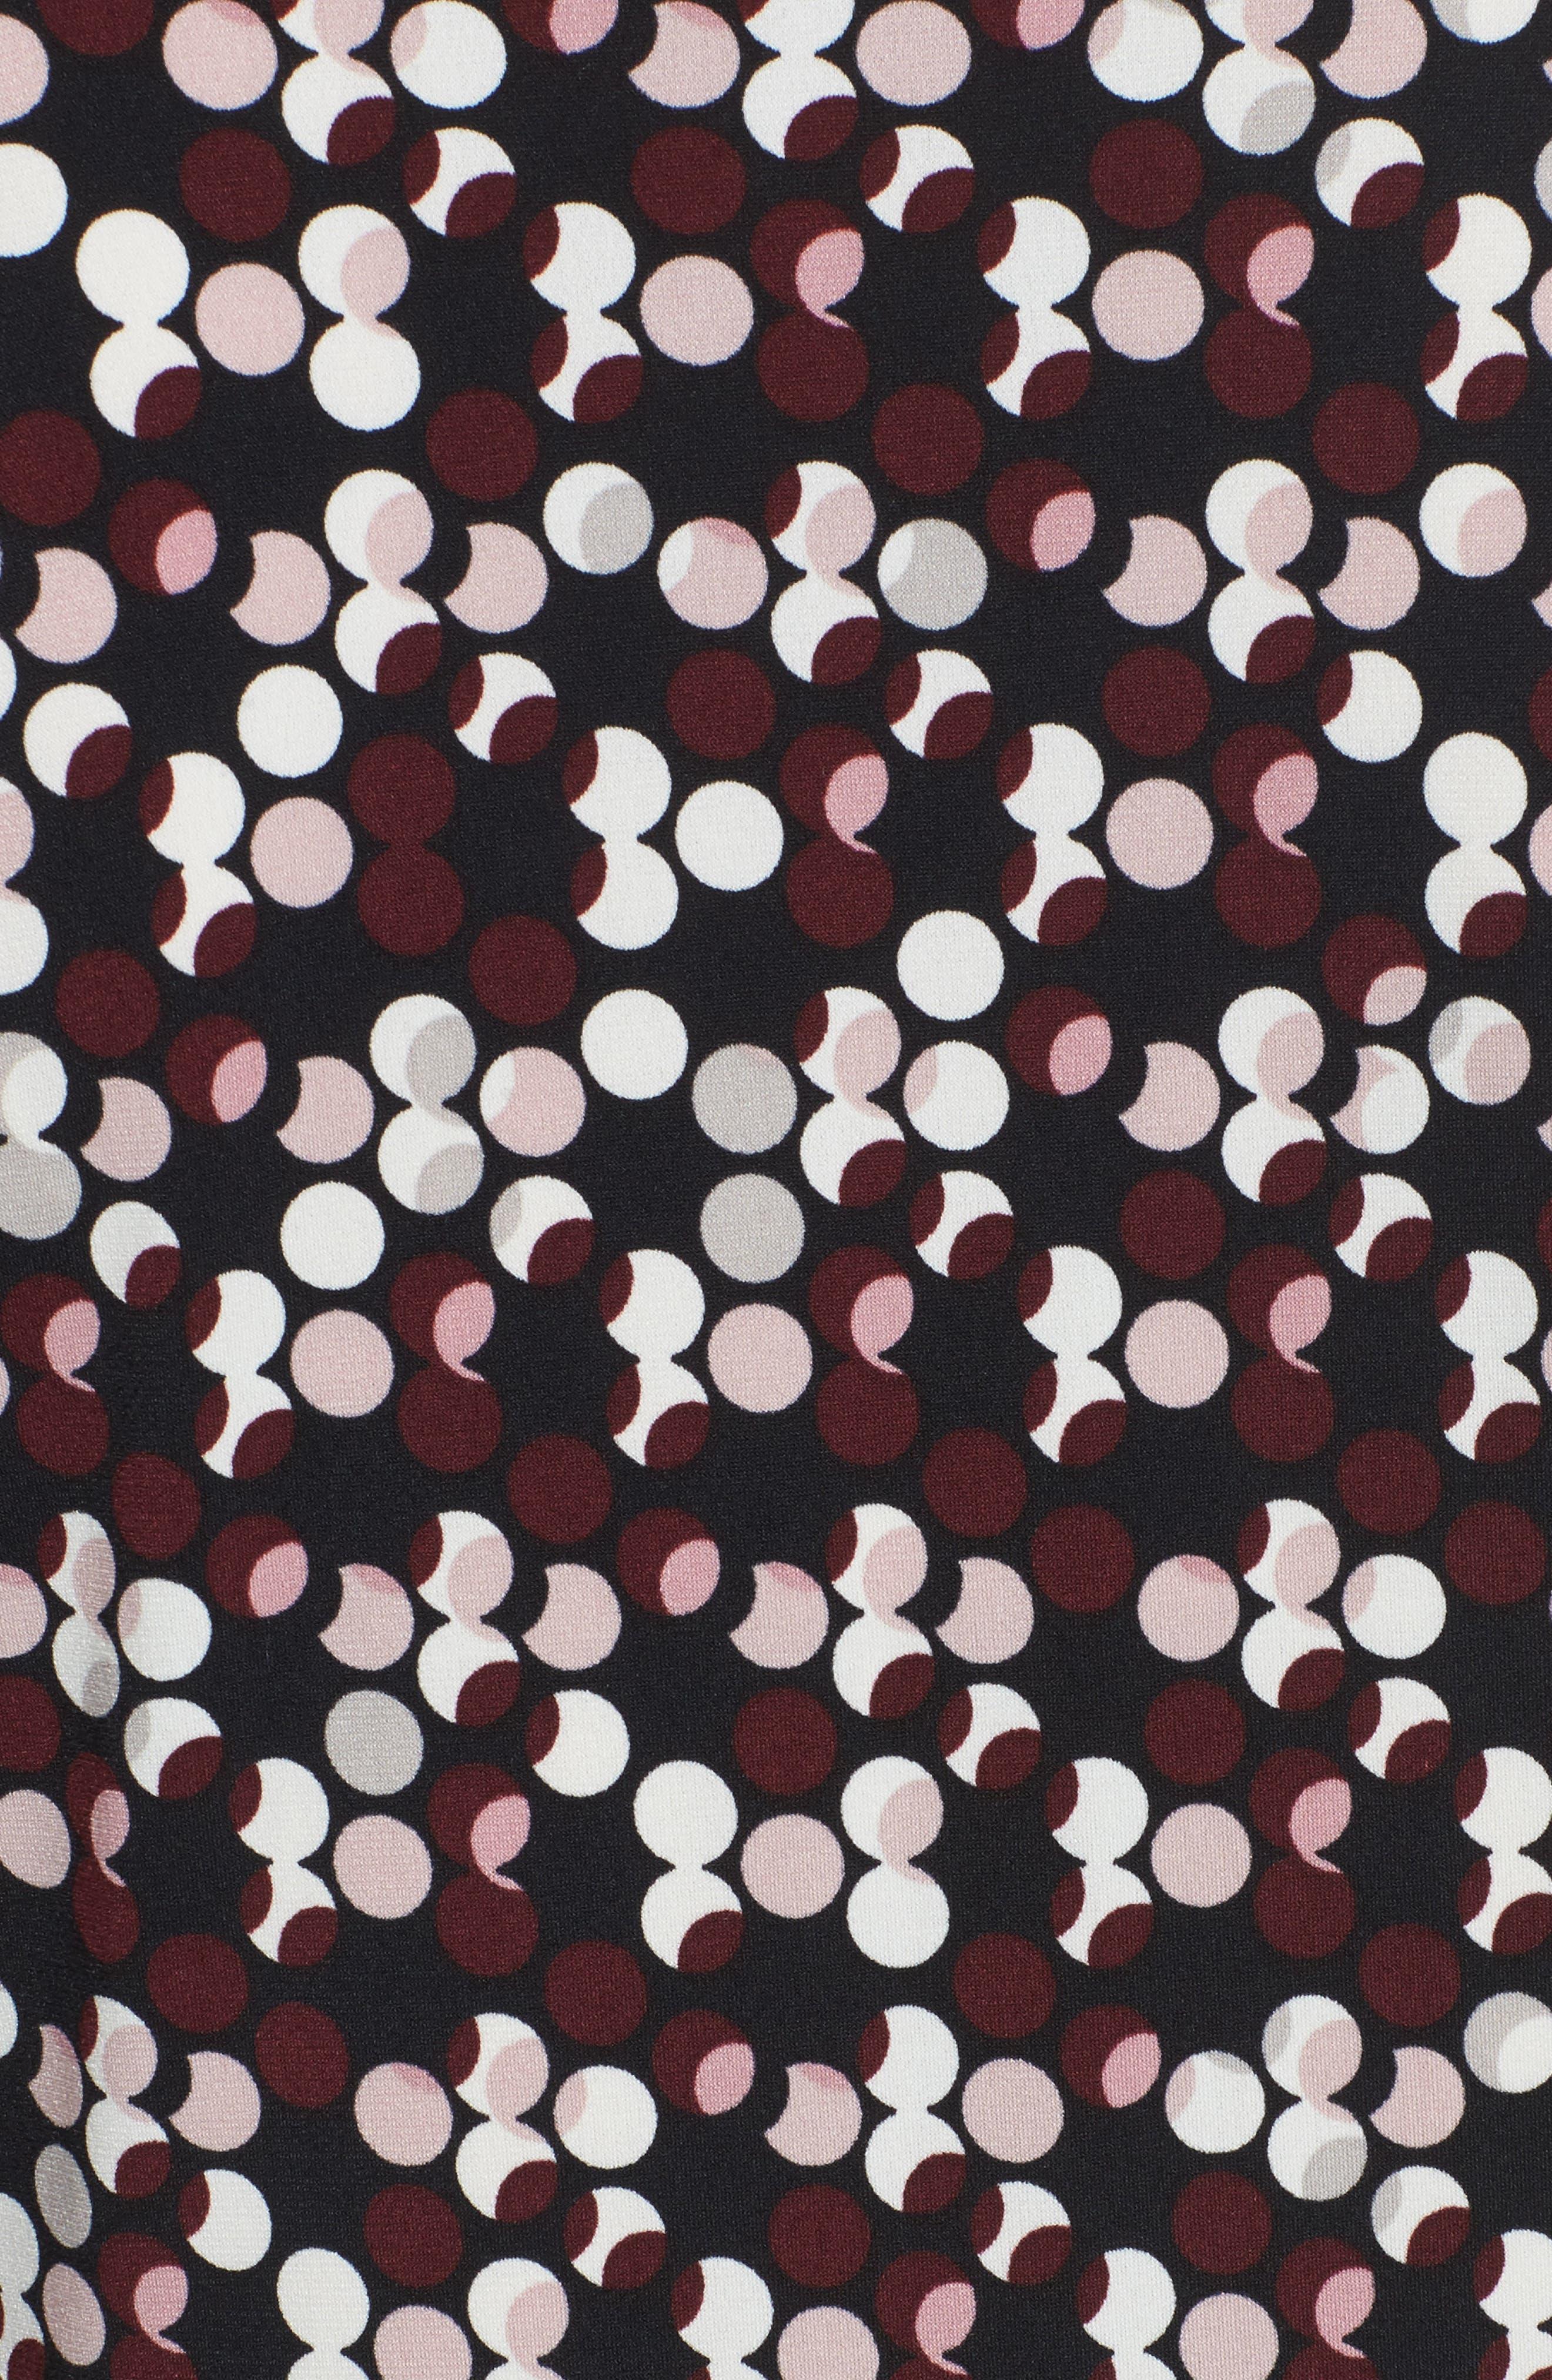 Dot Print Midi Dress,                             Alternate thumbnail 5, color,                             006